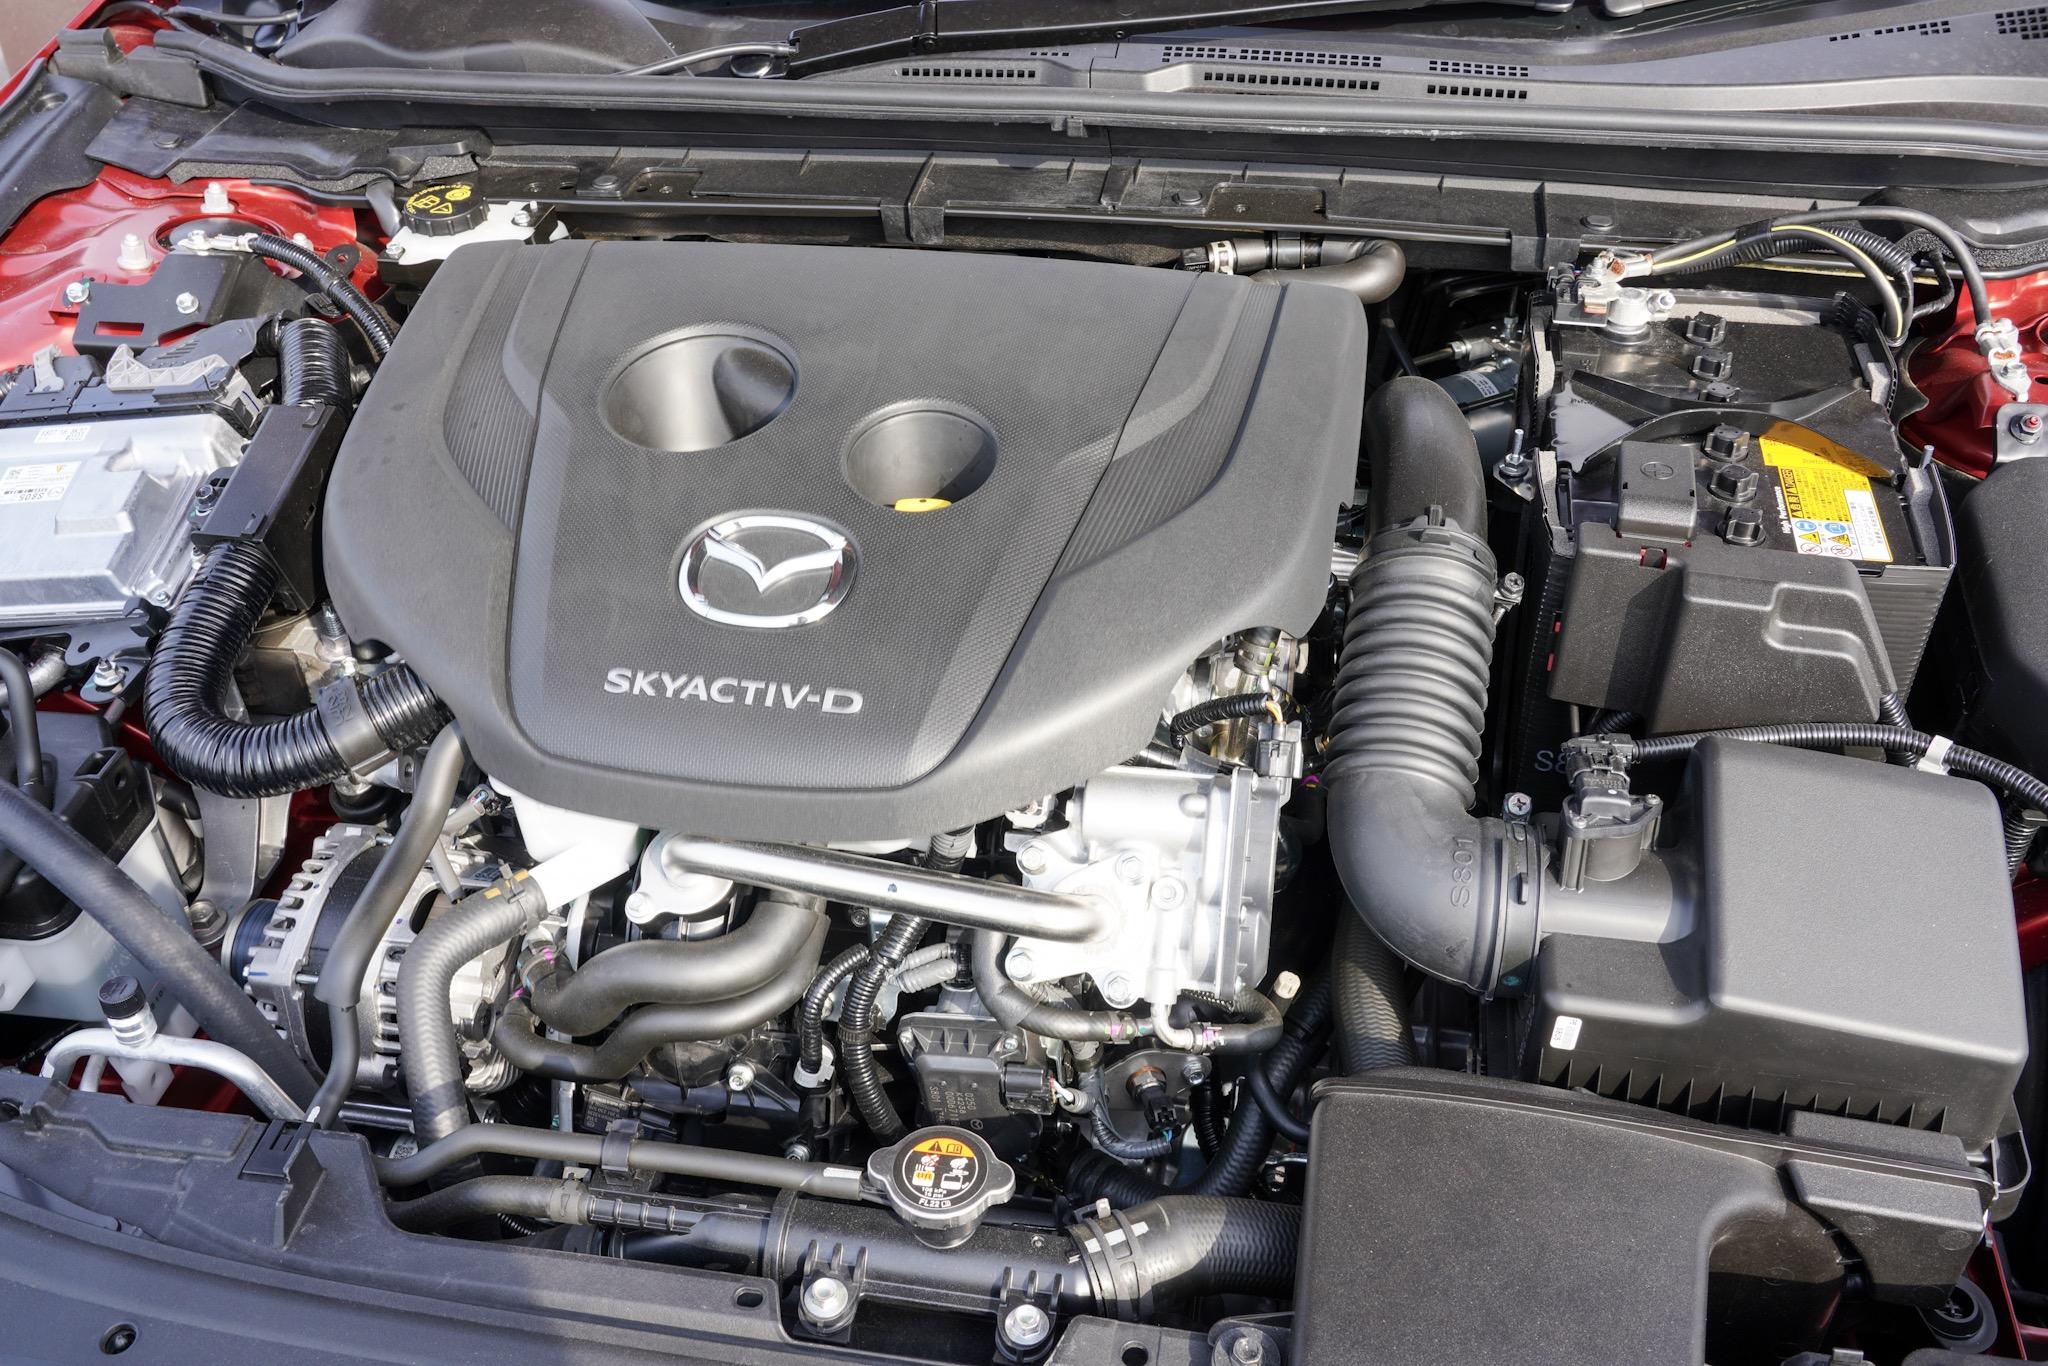 MAZDA3 1.8L SKYACTIV-D ディーゼルエンジン